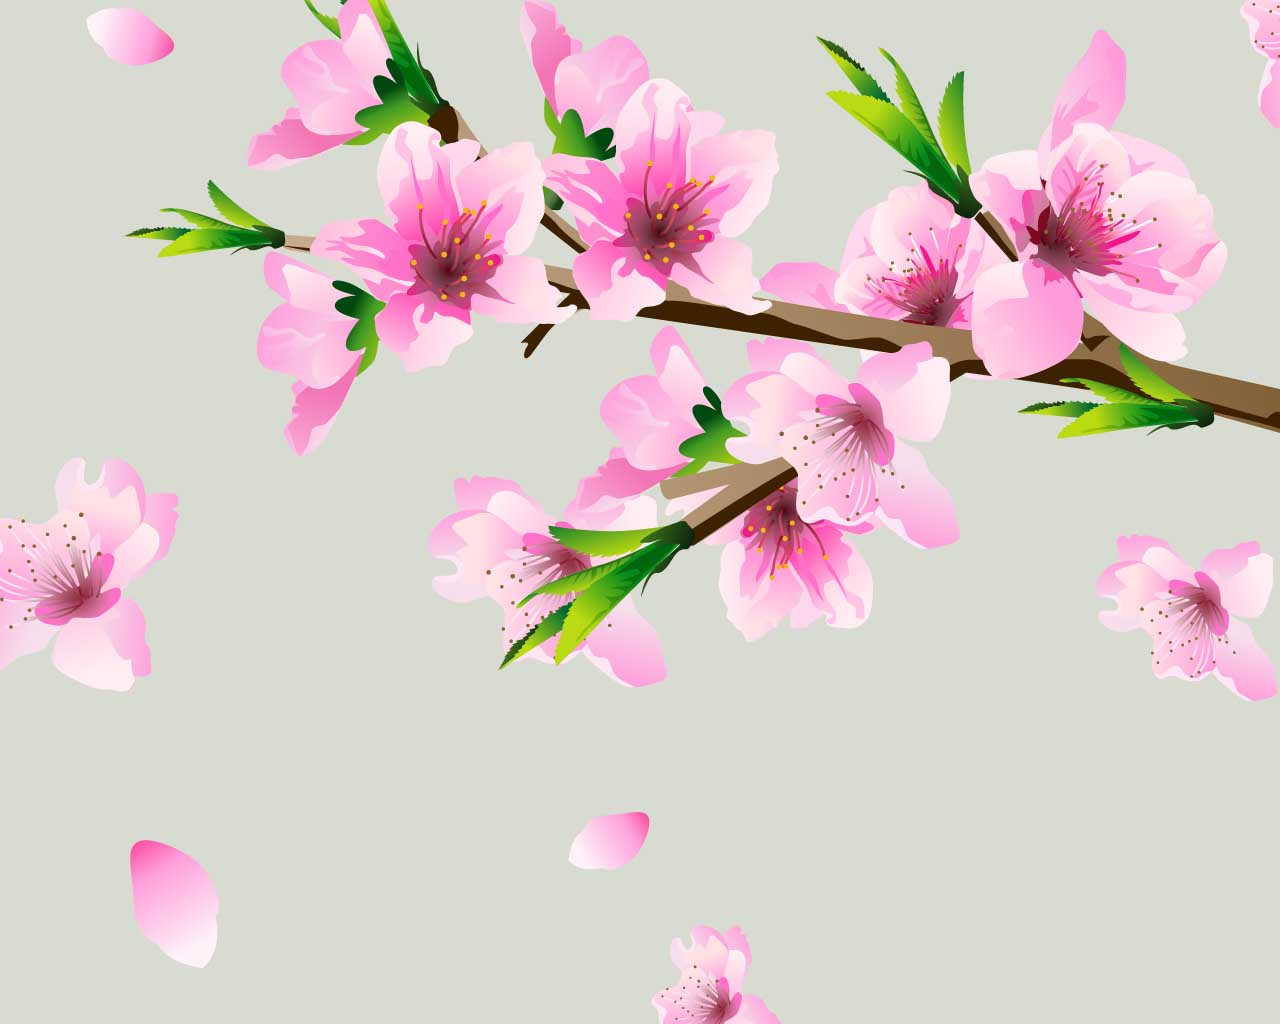 乱写钗头凤 - 会笑的蜻蜓 - 会笑的蜻蜓